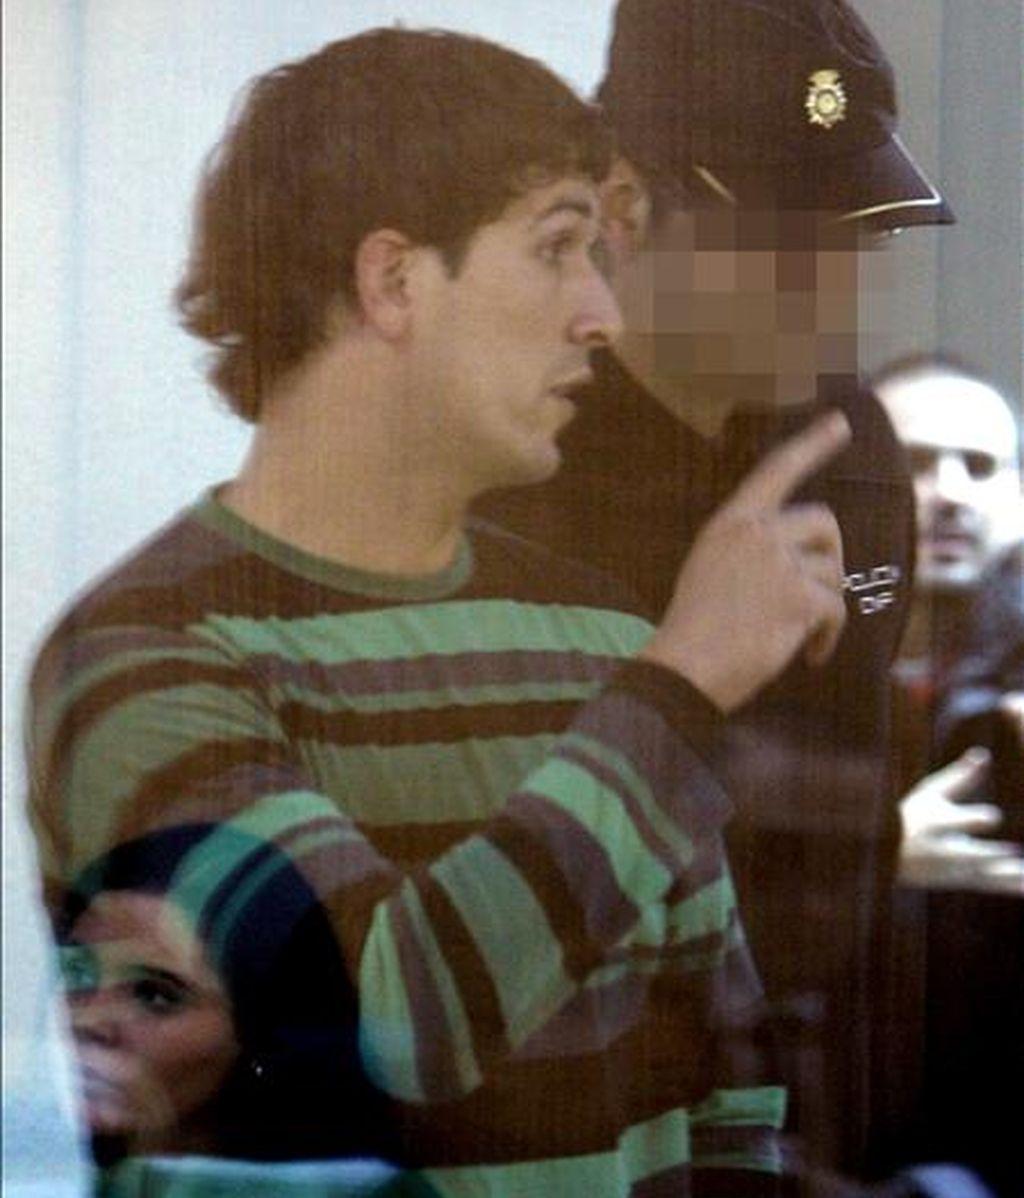 La Audiencia Nacional juzga desde hoy al presunto etarra Arkaitz Goikoetxea (en la imagen) y a sus supuestos colaboradores Iñigo Gutiérrez y Aitor Cotano, acusados de participar en la preparación y ejecución del atentado contra el cuartel de la Guardia Civil en Legutiano (Alava) el 14 de mayo de 2008, en el que murió el agente Juan Manuel Piñuel. EFE